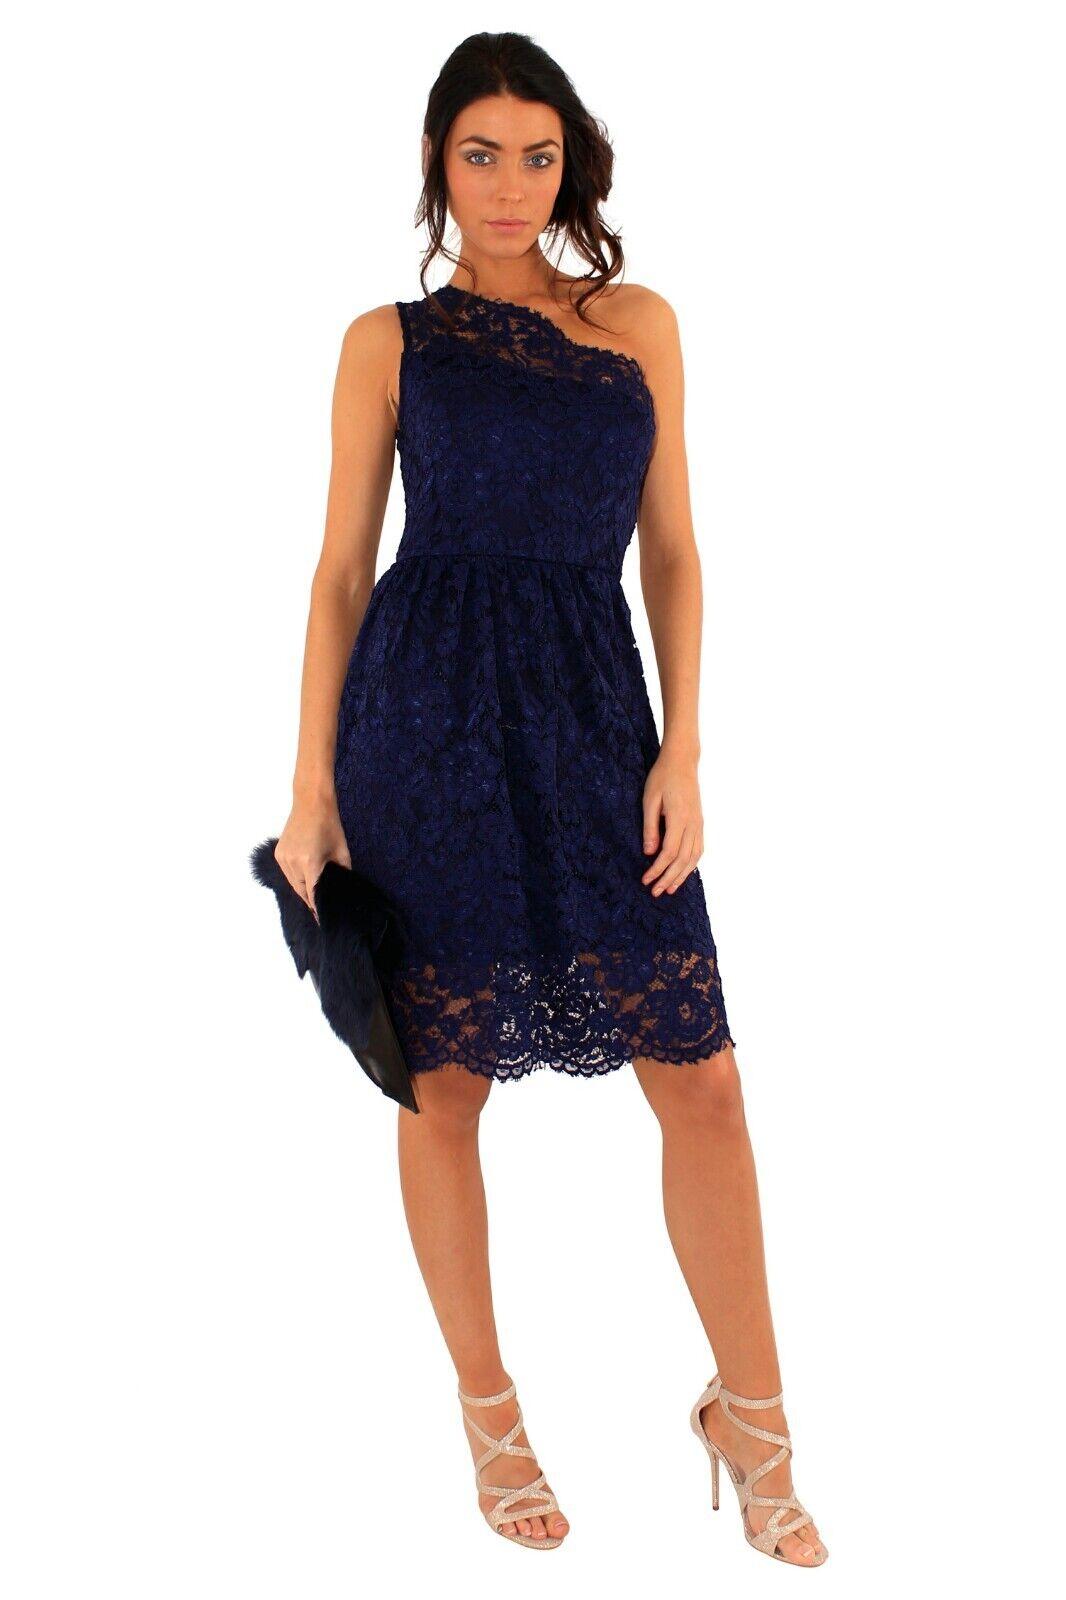 Rare One Shoulder Lace Skater Dress Dress Dress |  Neuer Markt  | Fuxin  62cbb8